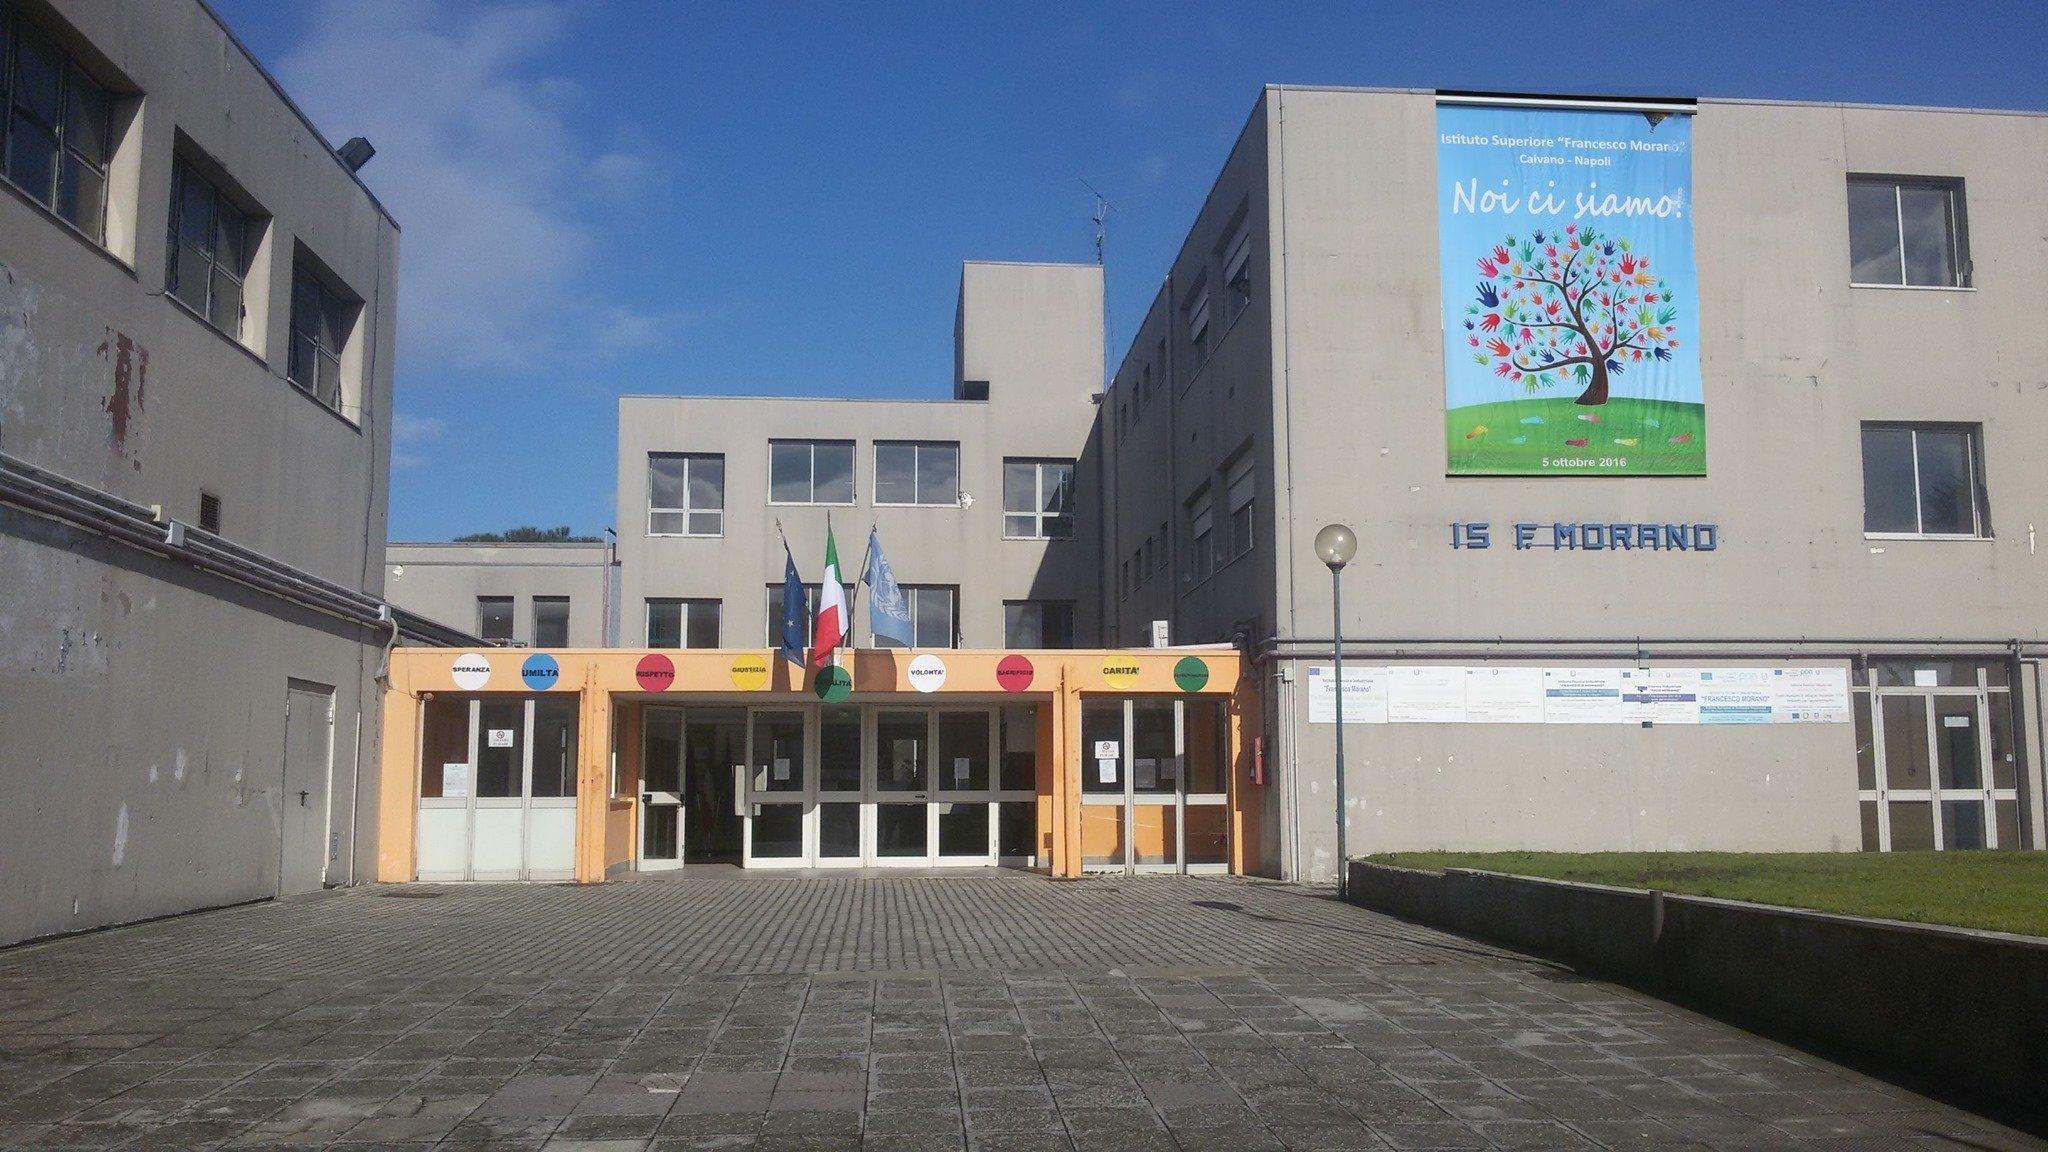 Al via lo scambio culturale tra l'Istituto Superiore F. Morano di Caivano e la Formazione Professionale del Villaggio del Ragazzo